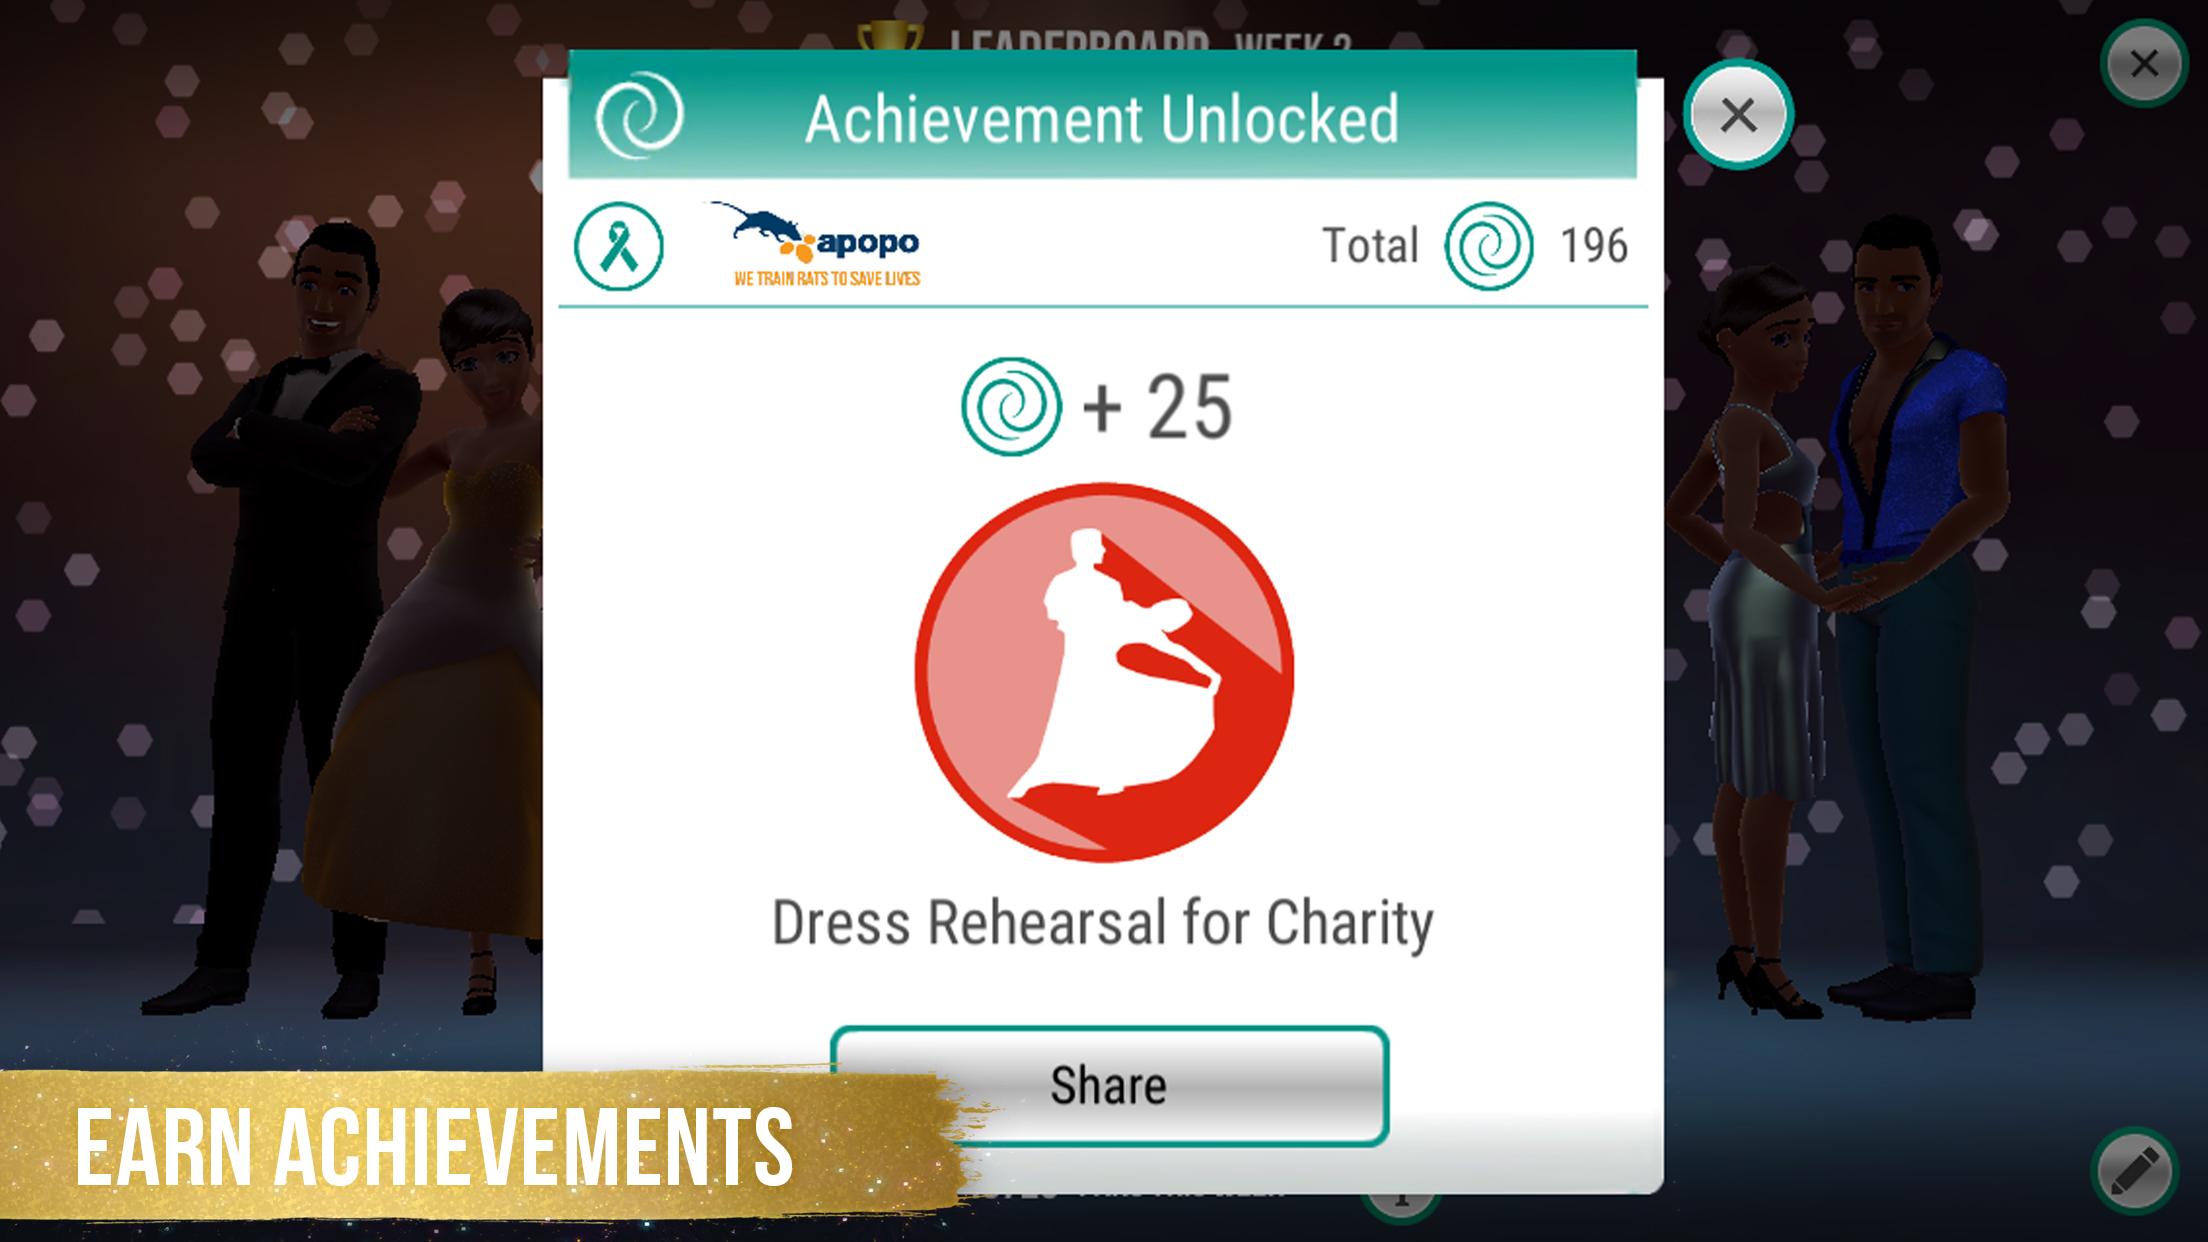 4_Earn achievements.jpg